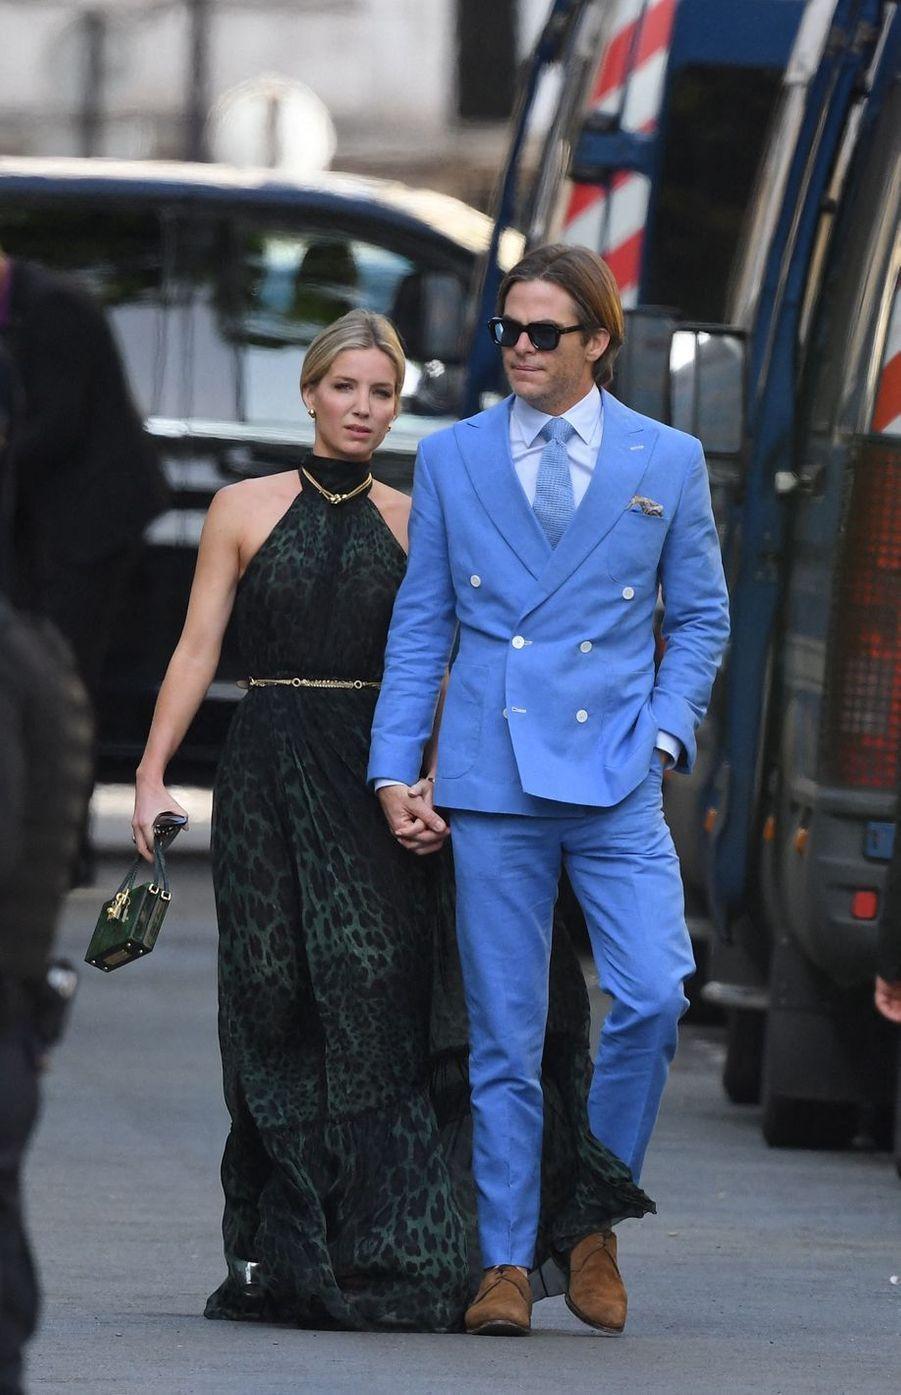 Annabelle Wallis et Chris Pinese rendentau mariage de Zoë Kravitz et Karl Glusman organisé à l'hôtel particulier de Lenny Kravitz à Paris le 29 juin 2019